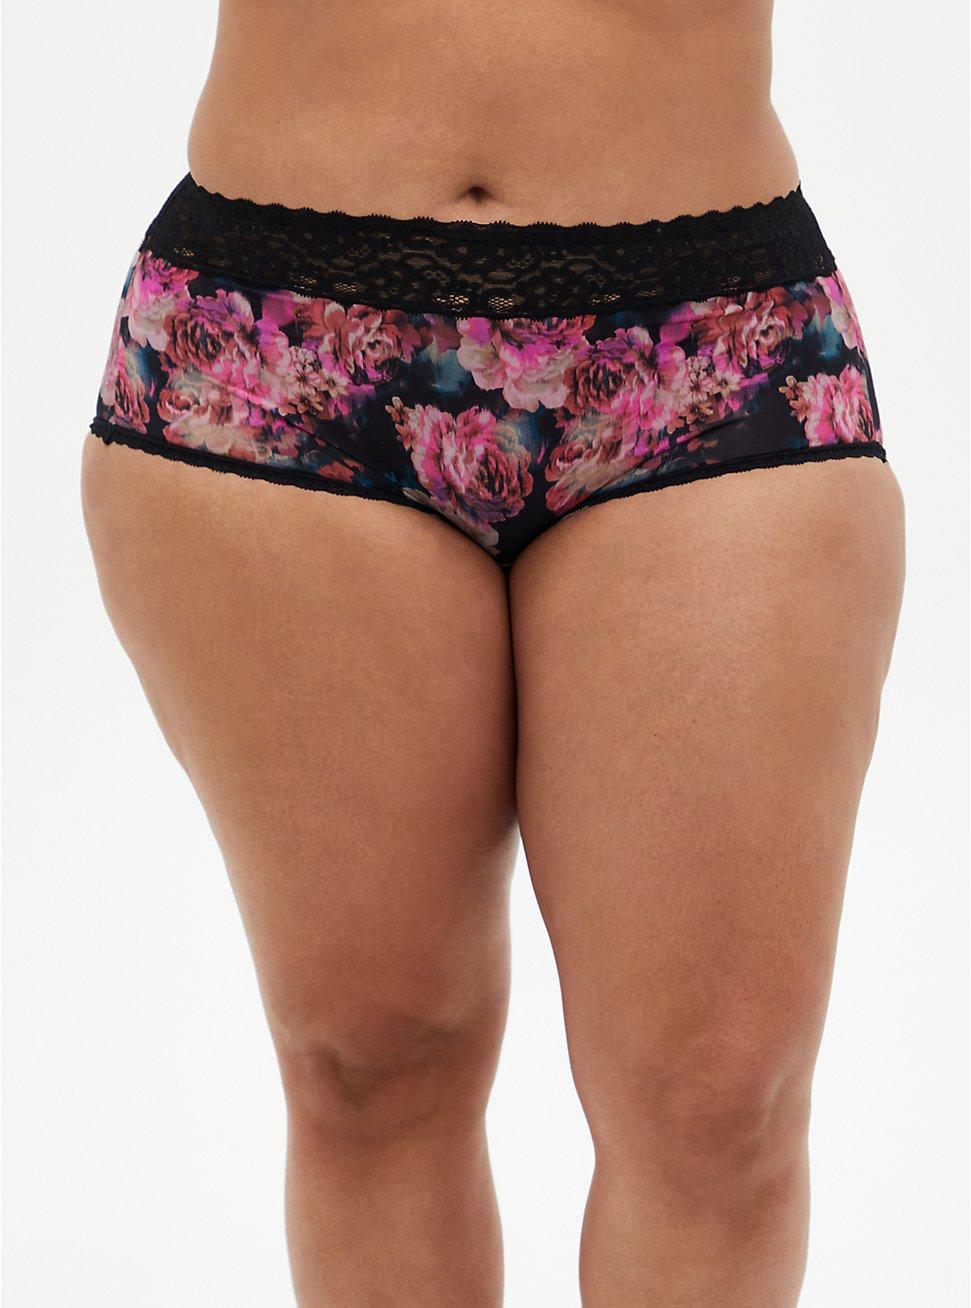 Black Floral Second Skin Brief Panty, ROSANNE FLORAL, hi-res